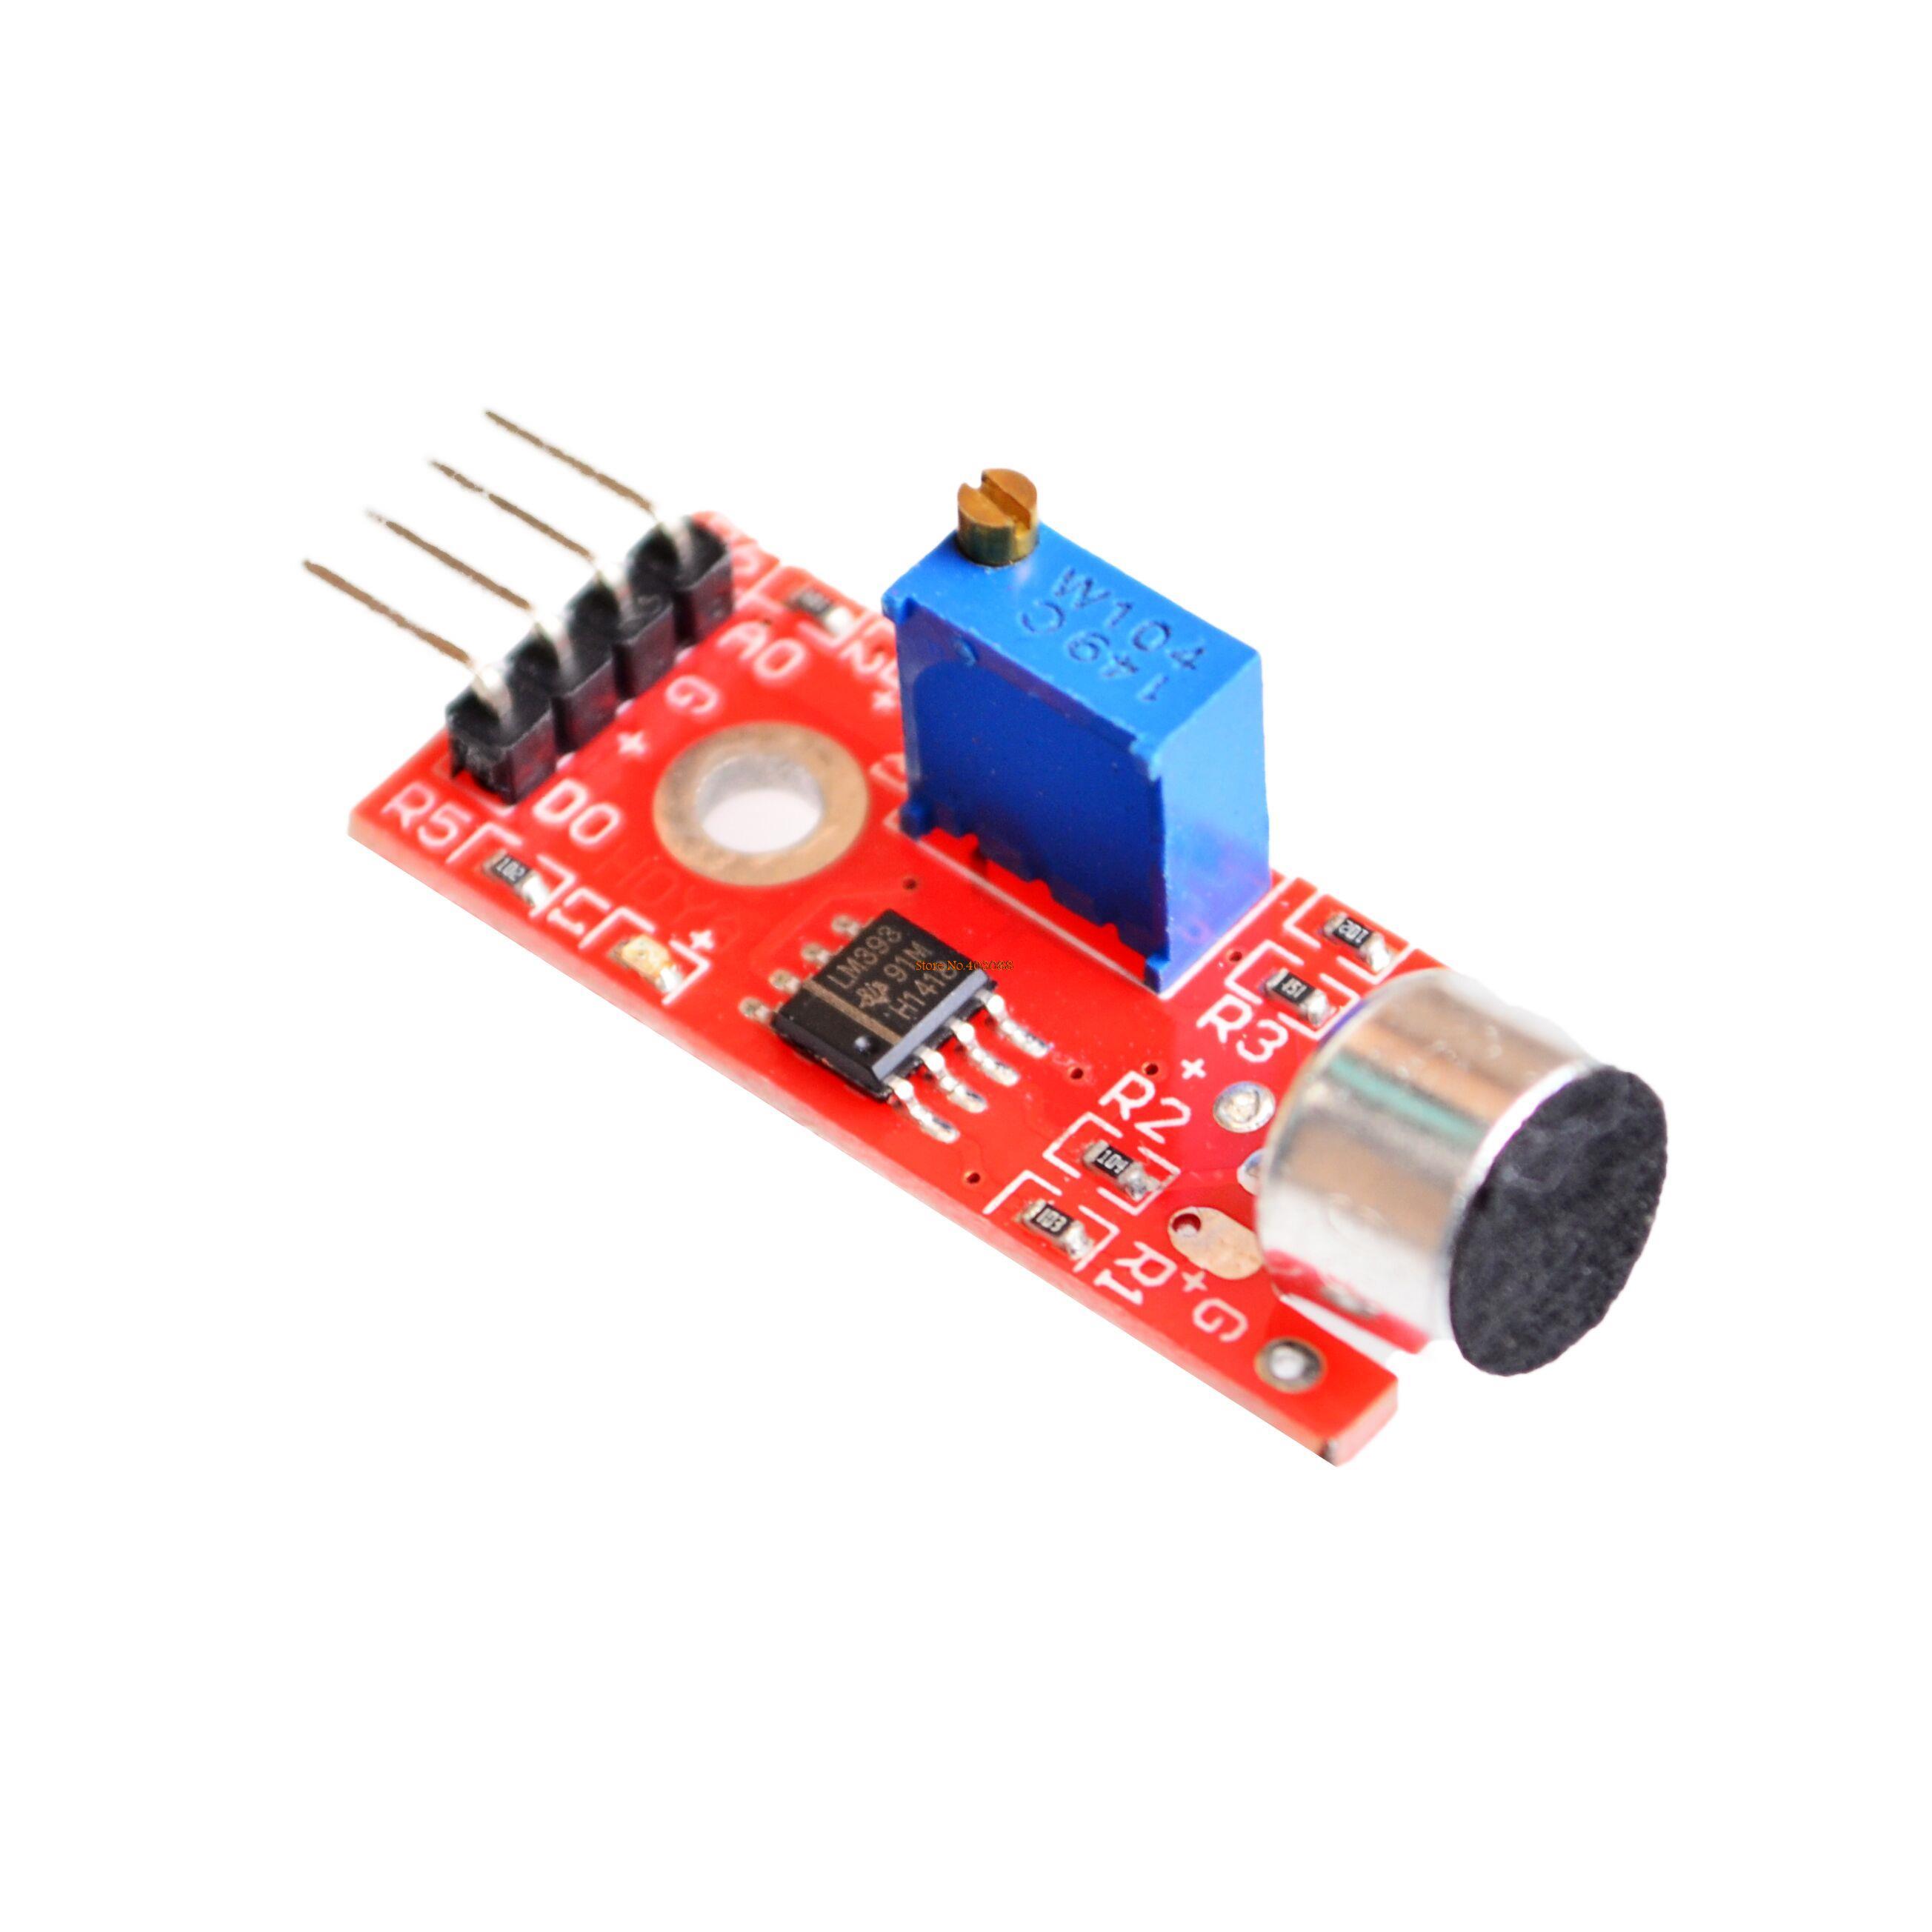 เซ็นเซอร์เสียง KY-037 High Sensitivity Sound Microphone